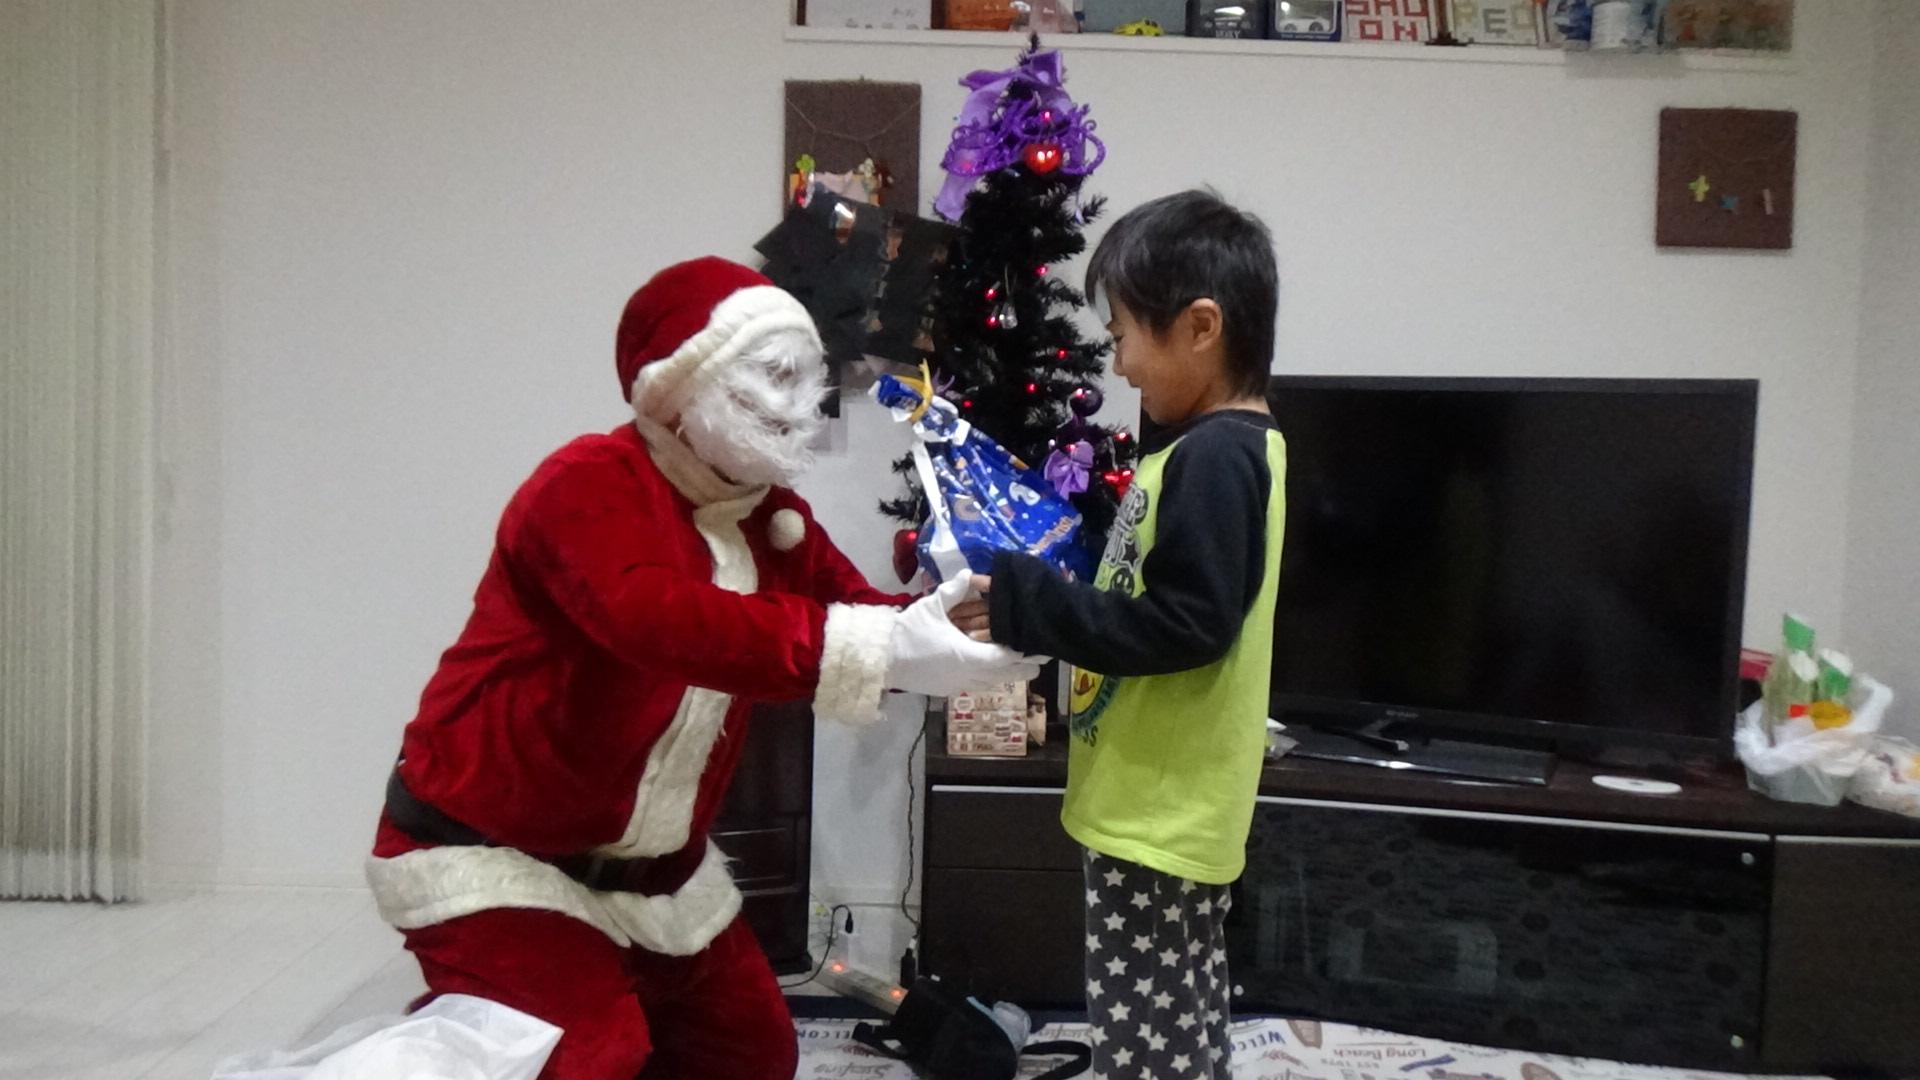 サンタさん、これあげたら喜ぶかな?